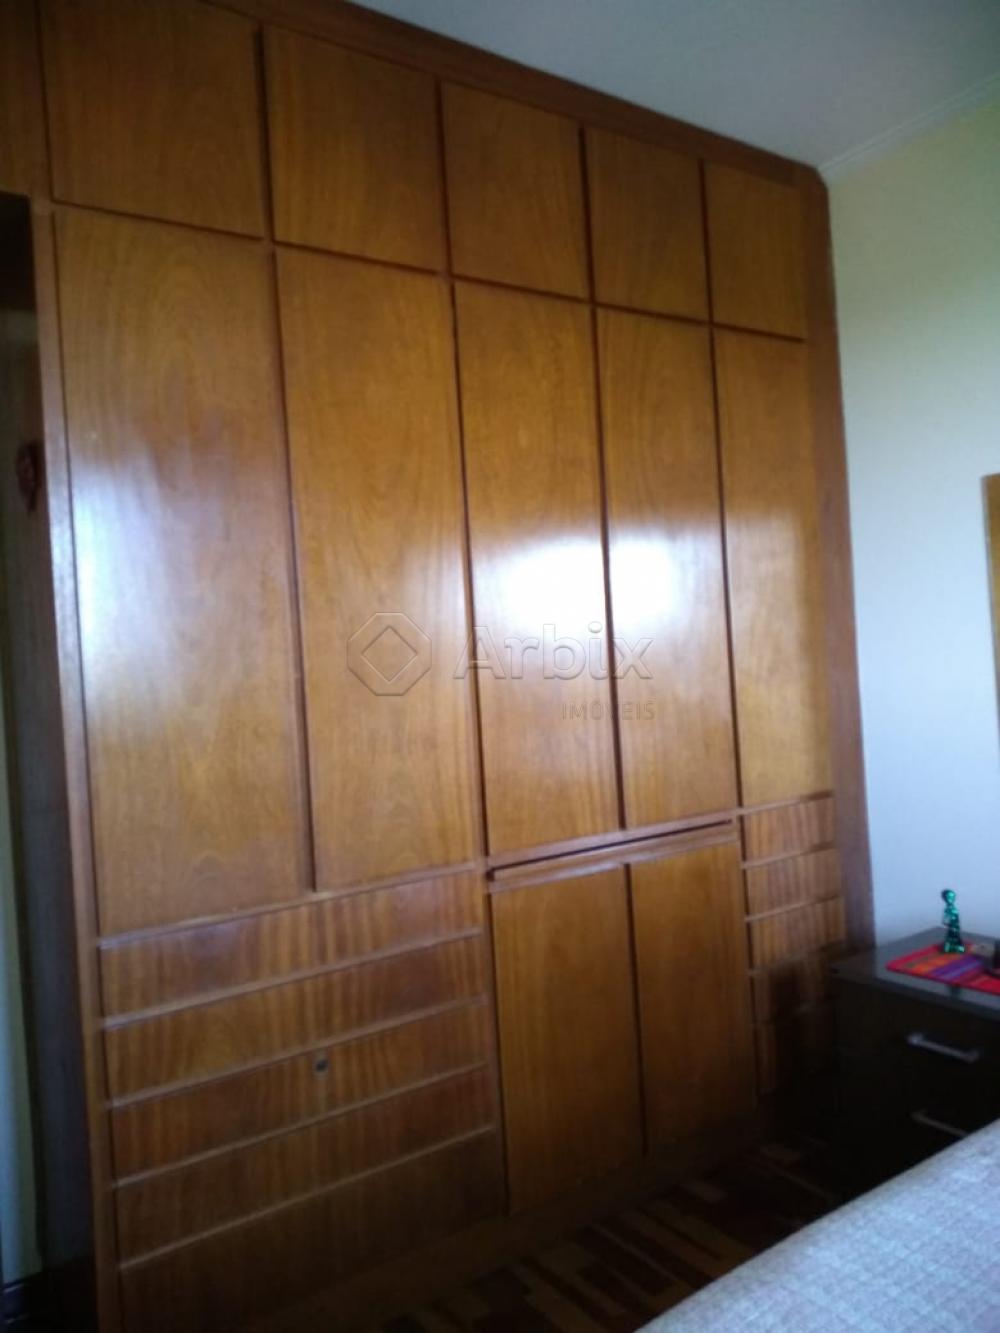 Comprar Apartamento / Padrão em Americana apenas R$ 280.000,00 - Foto 22